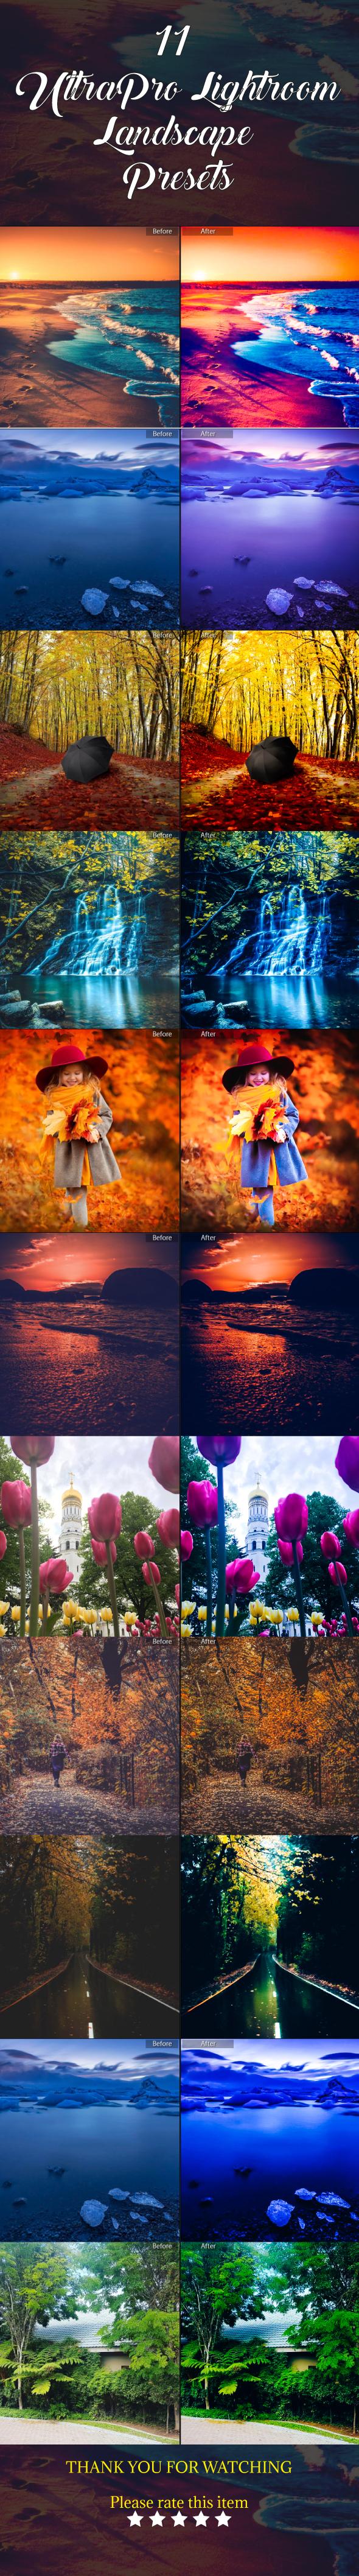 GraphicRiver 11 Ultra Pro Lightroom Landscape Presets 21150433